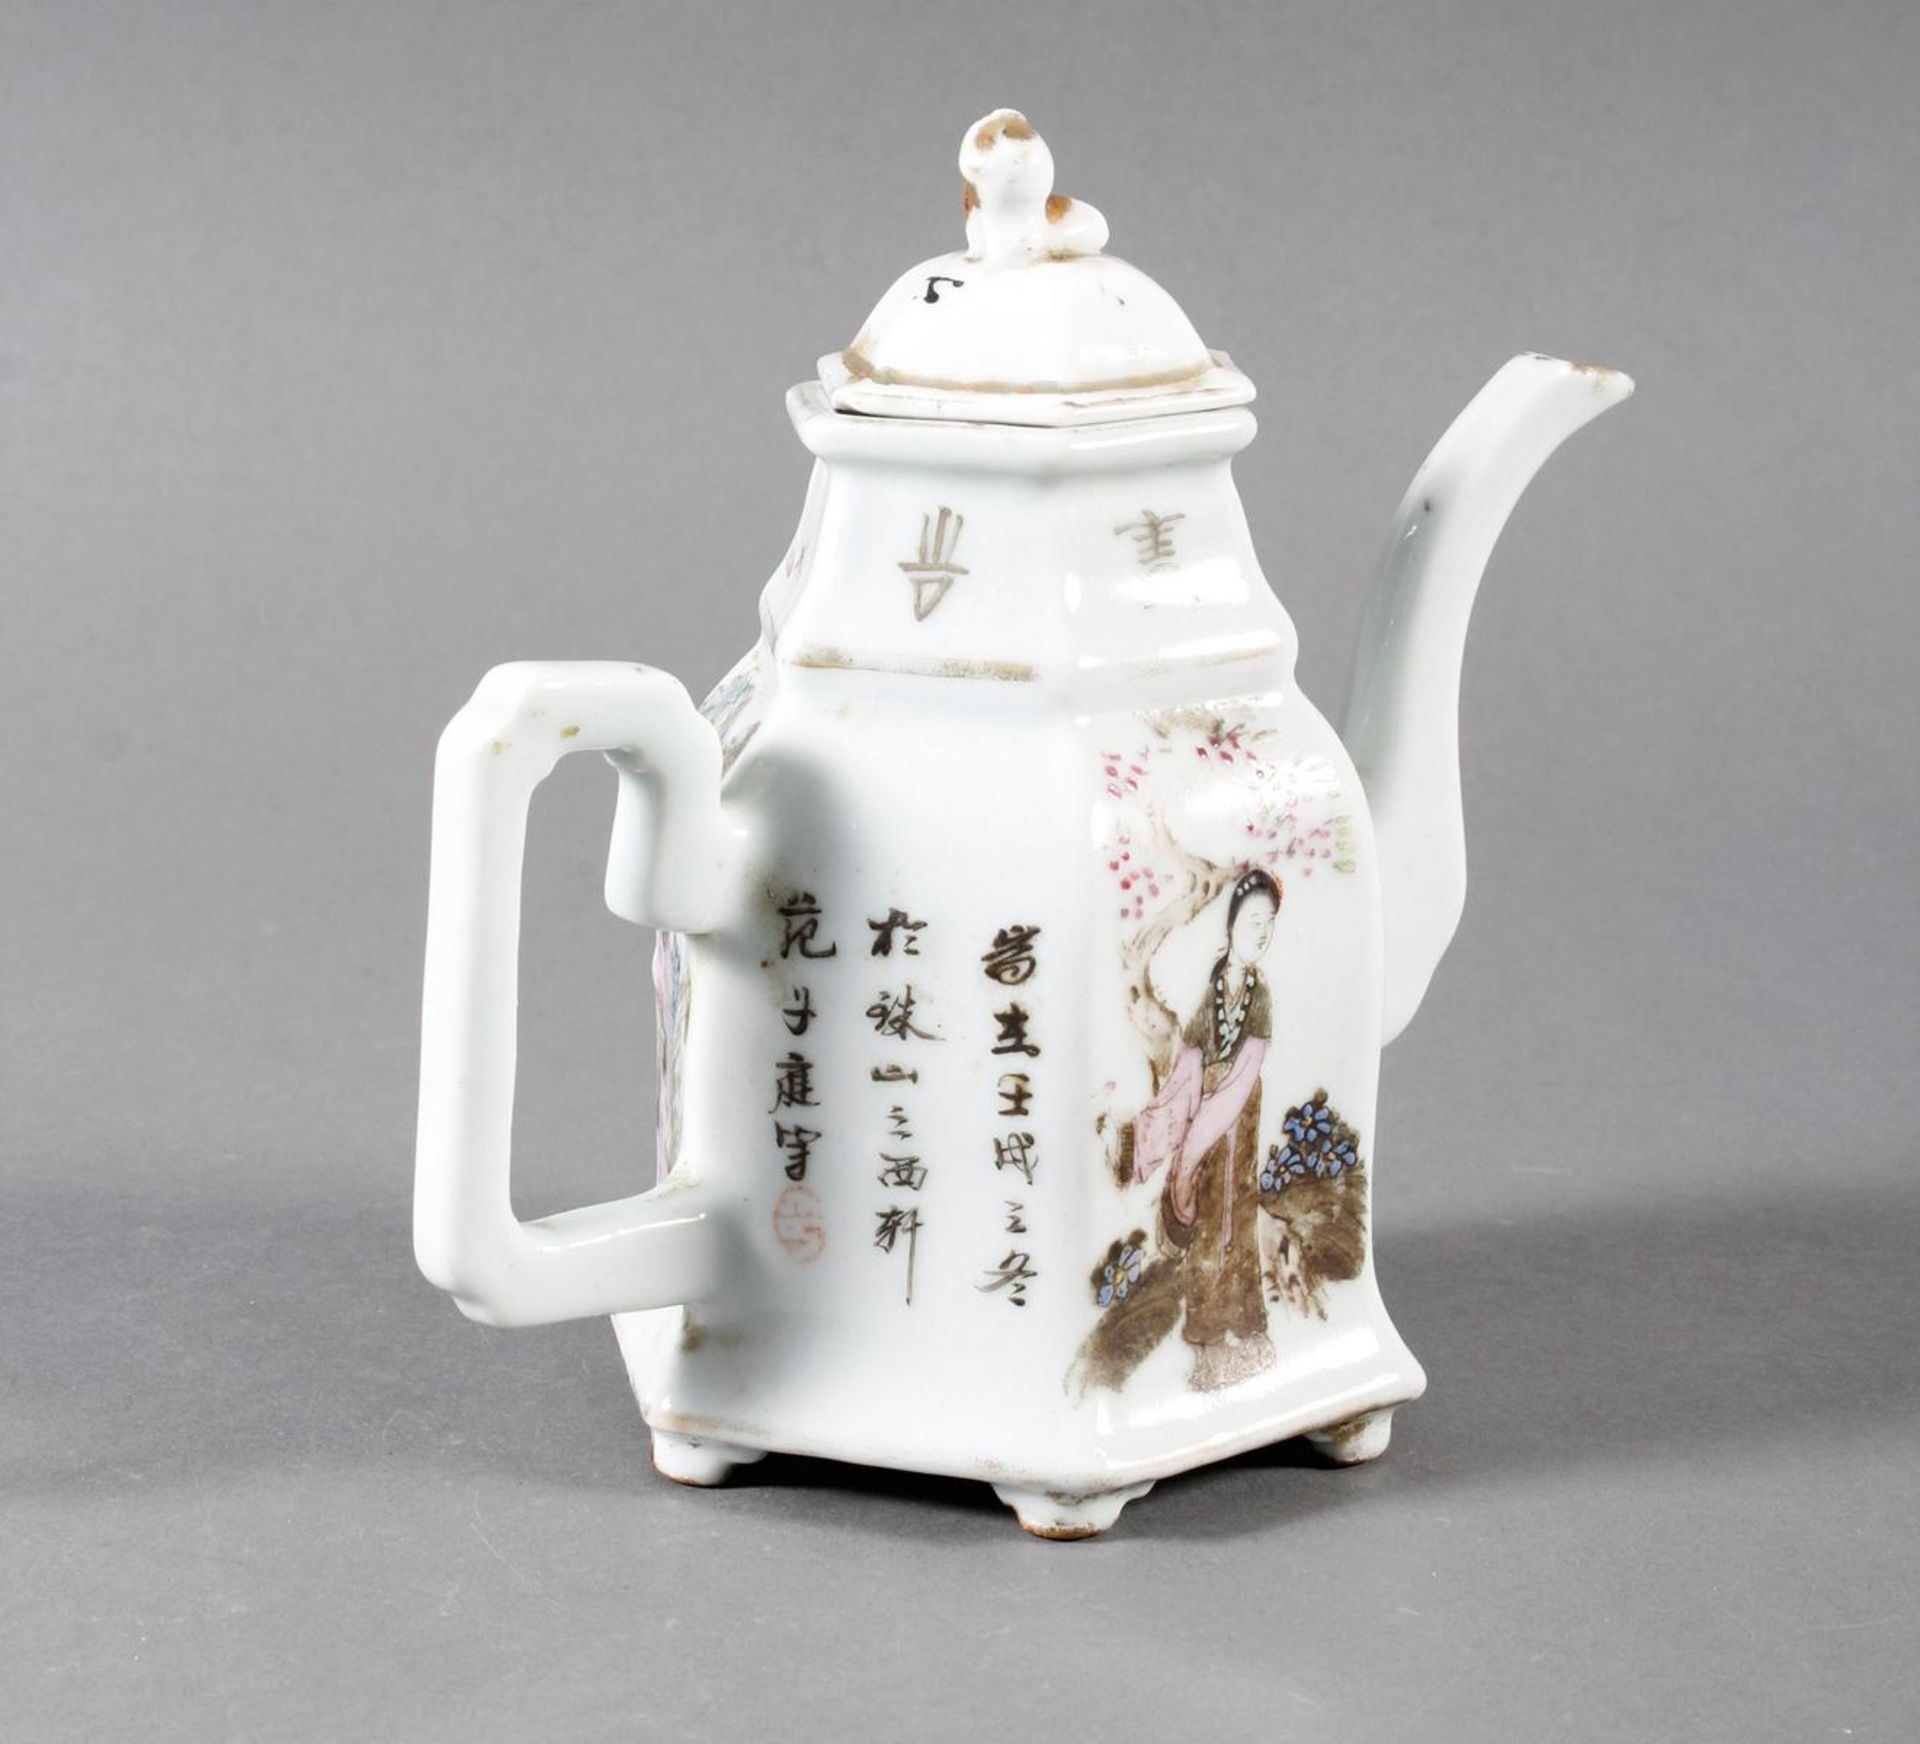 Porzellan Teekann, China, 19. Jahrhundert - Bild 6 aus 15